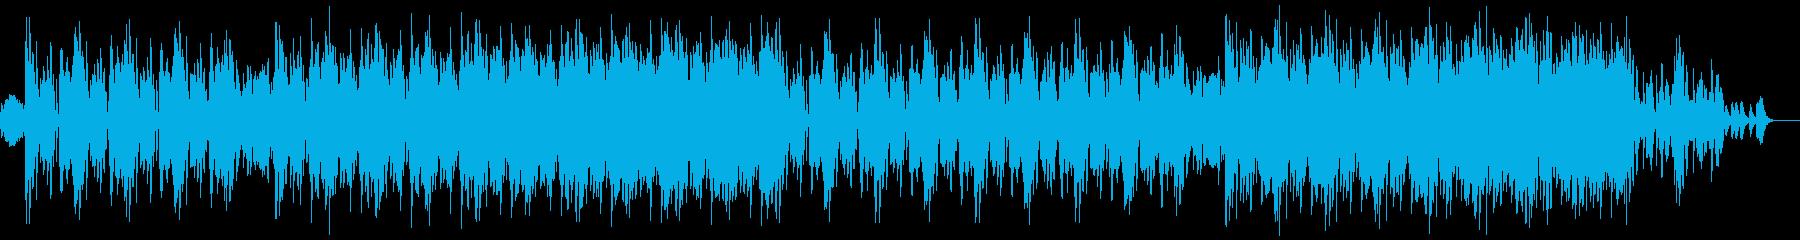 メロディックなオーケストラのヒップ...の再生済みの波形